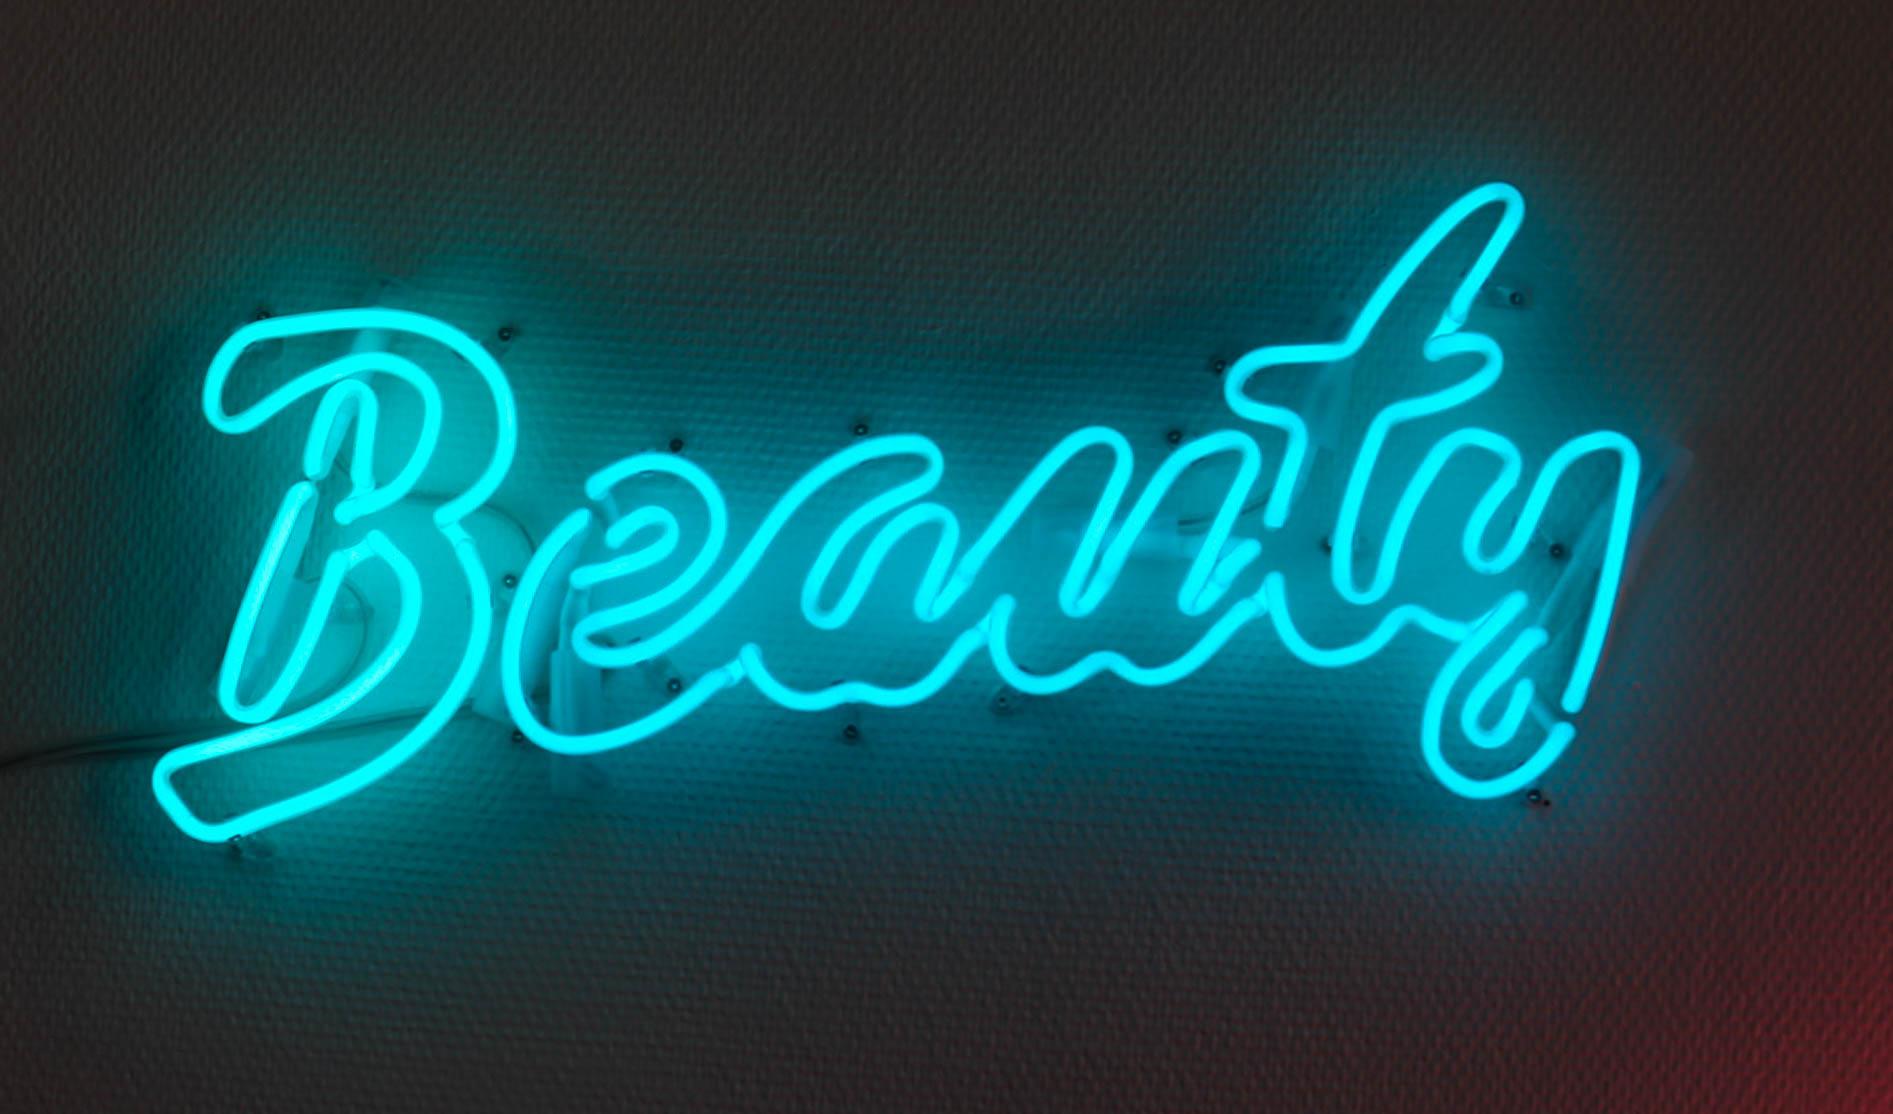 Neonröhre Blau Beauty, Neonlicht Schriftzug blau, Douglas